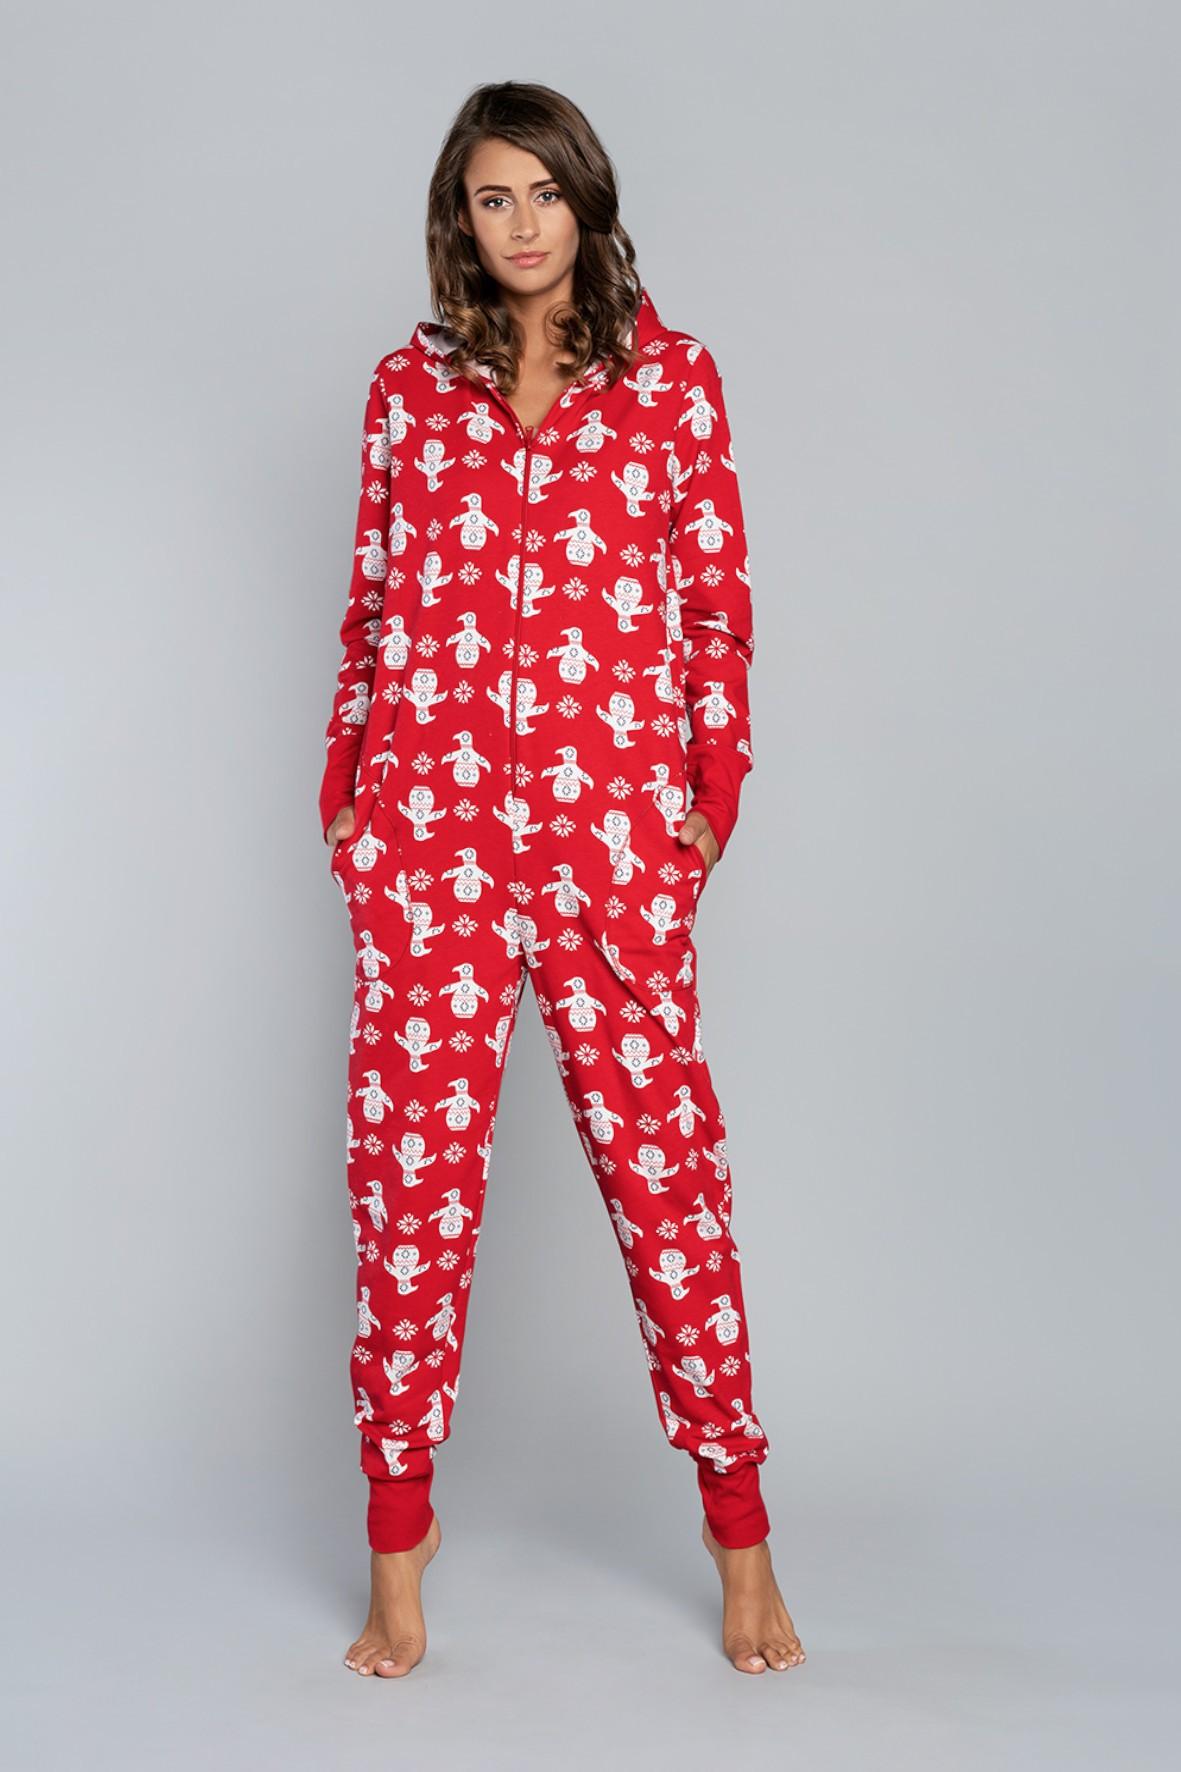 Kombinezon damski w ingwiny -długi rękaw, długie spodnie - czerwony